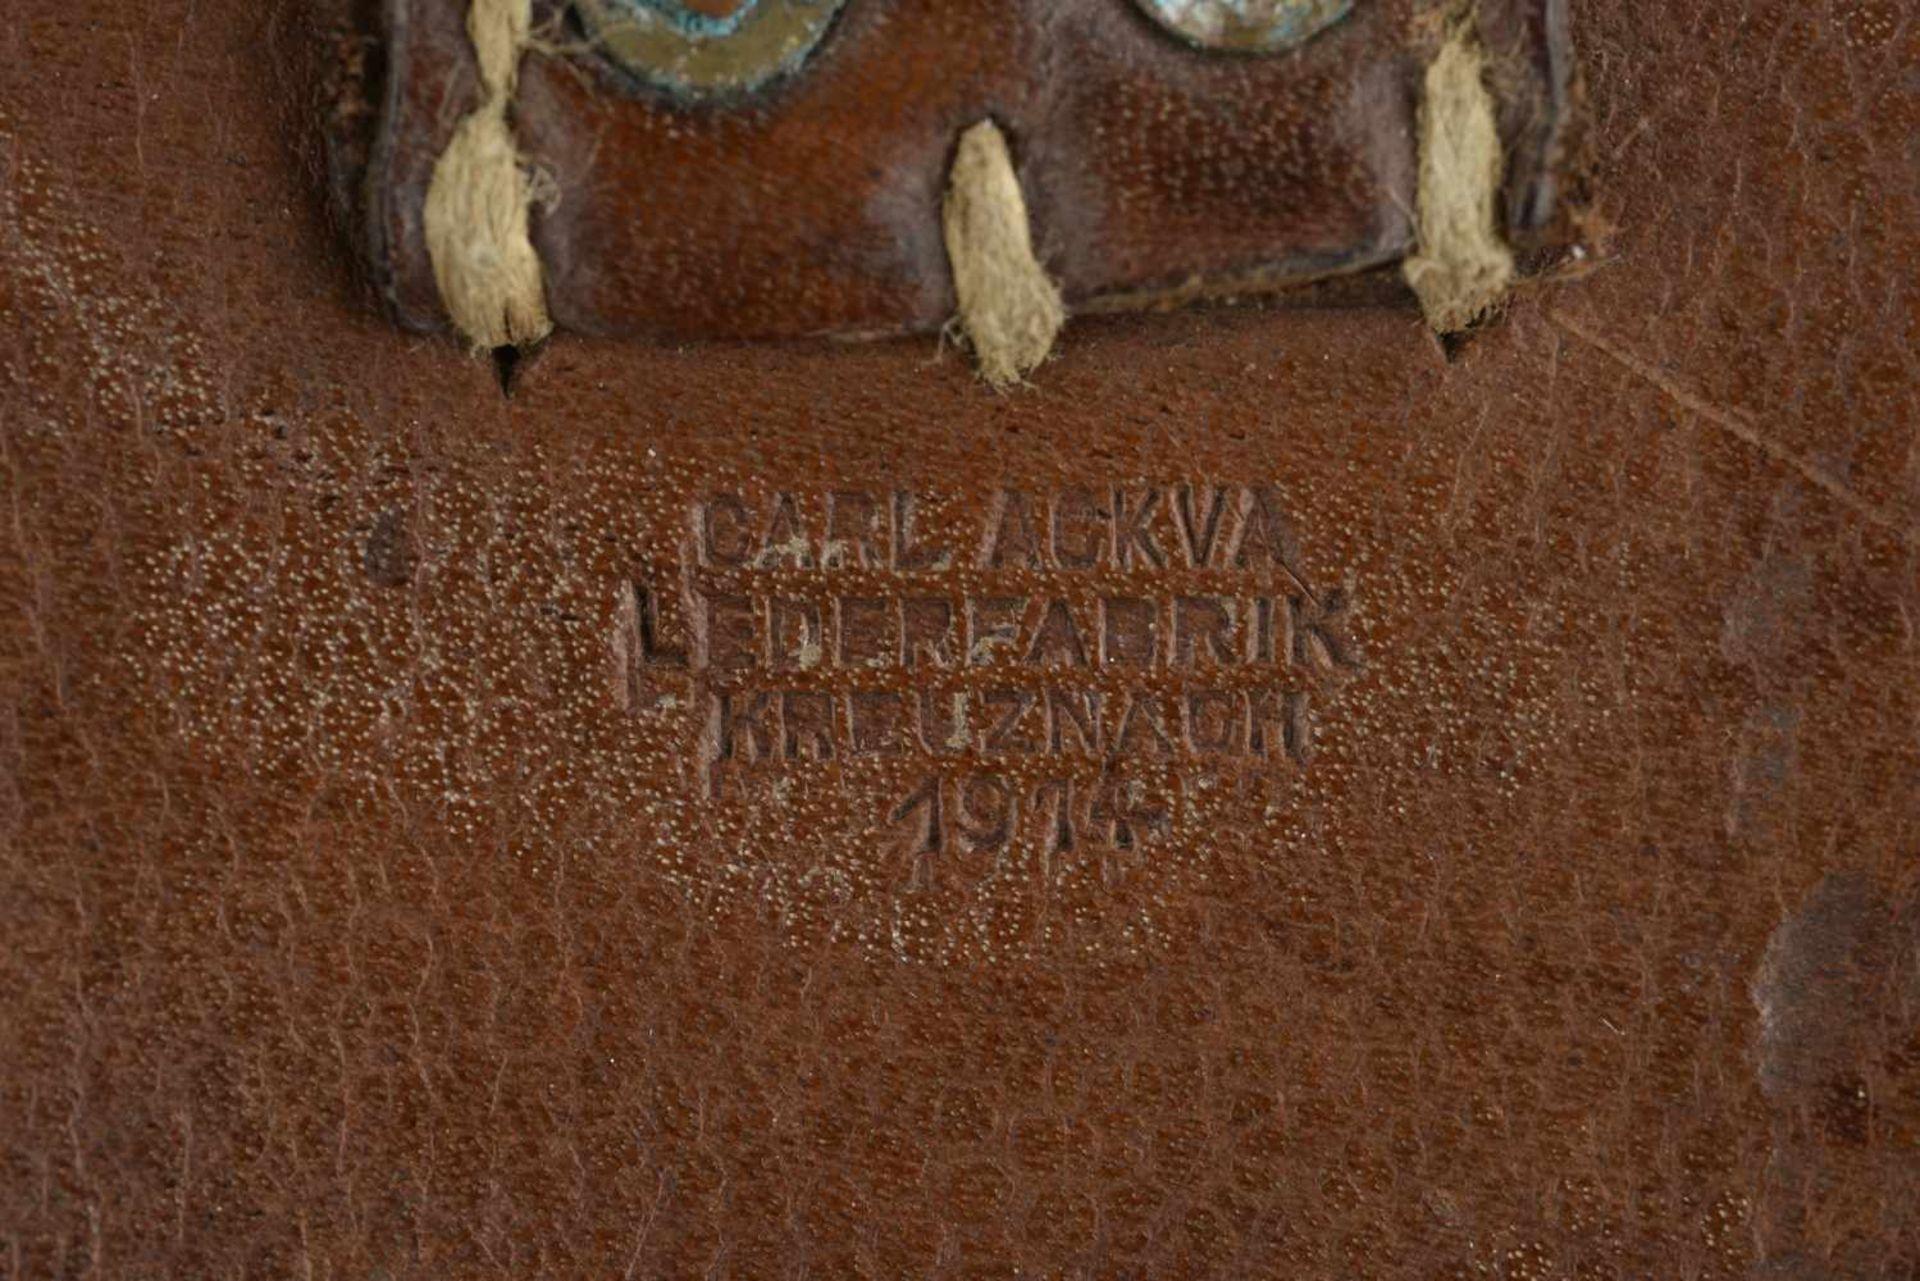 Cartouchière datée 1914 En cuir grenelé marron, trois compartiments. Fabrication Carl Ackva - Bild 3 aus 4